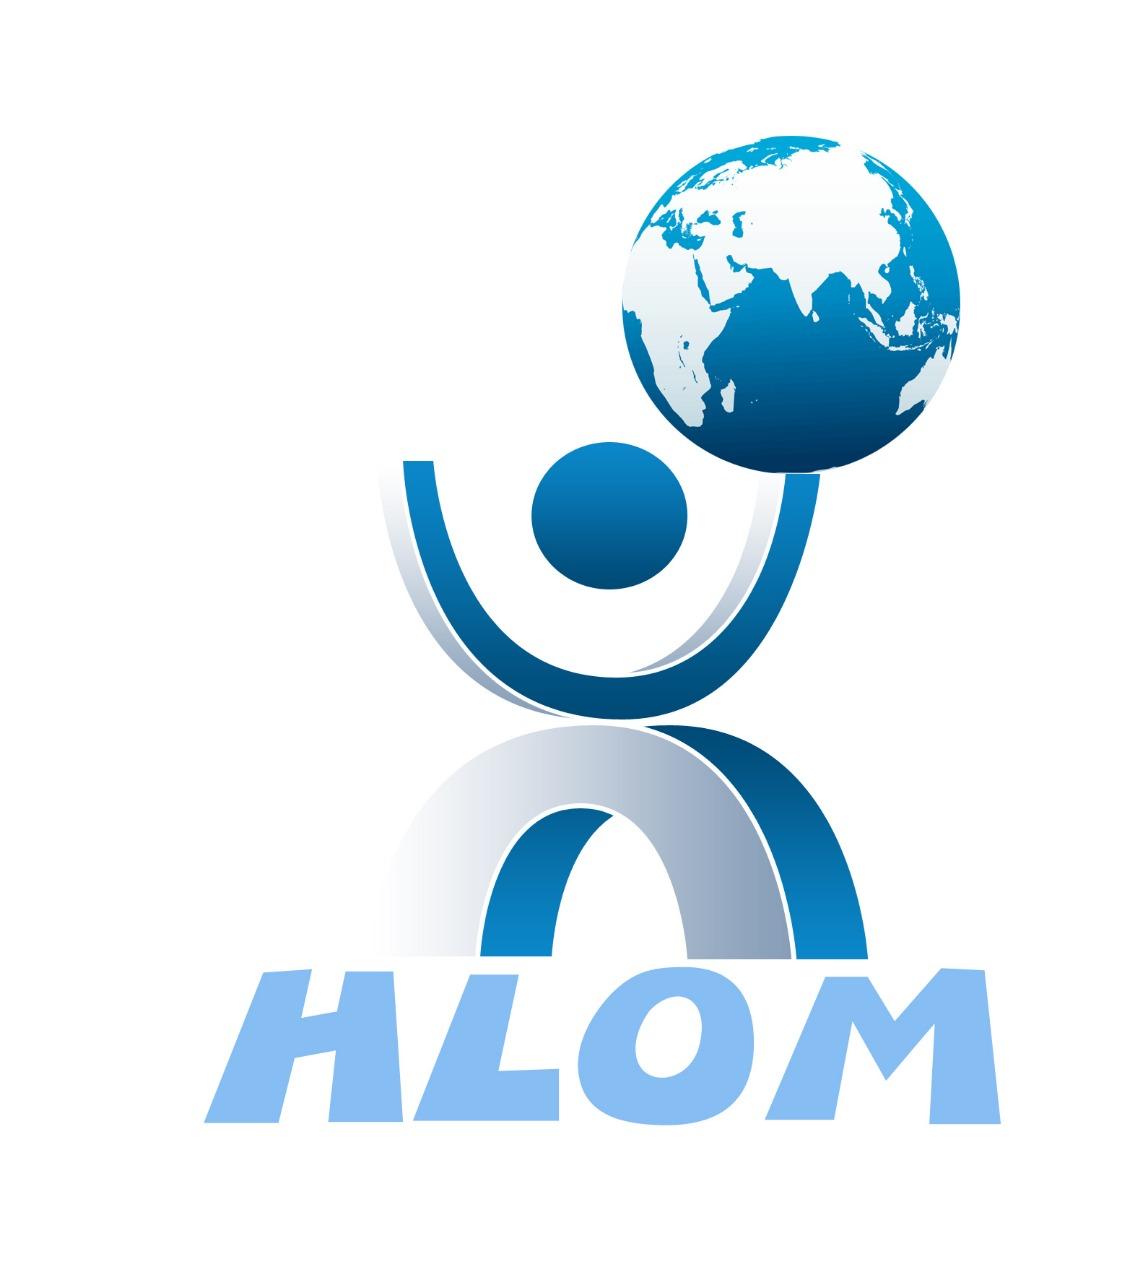 saloom433 Profile Picture